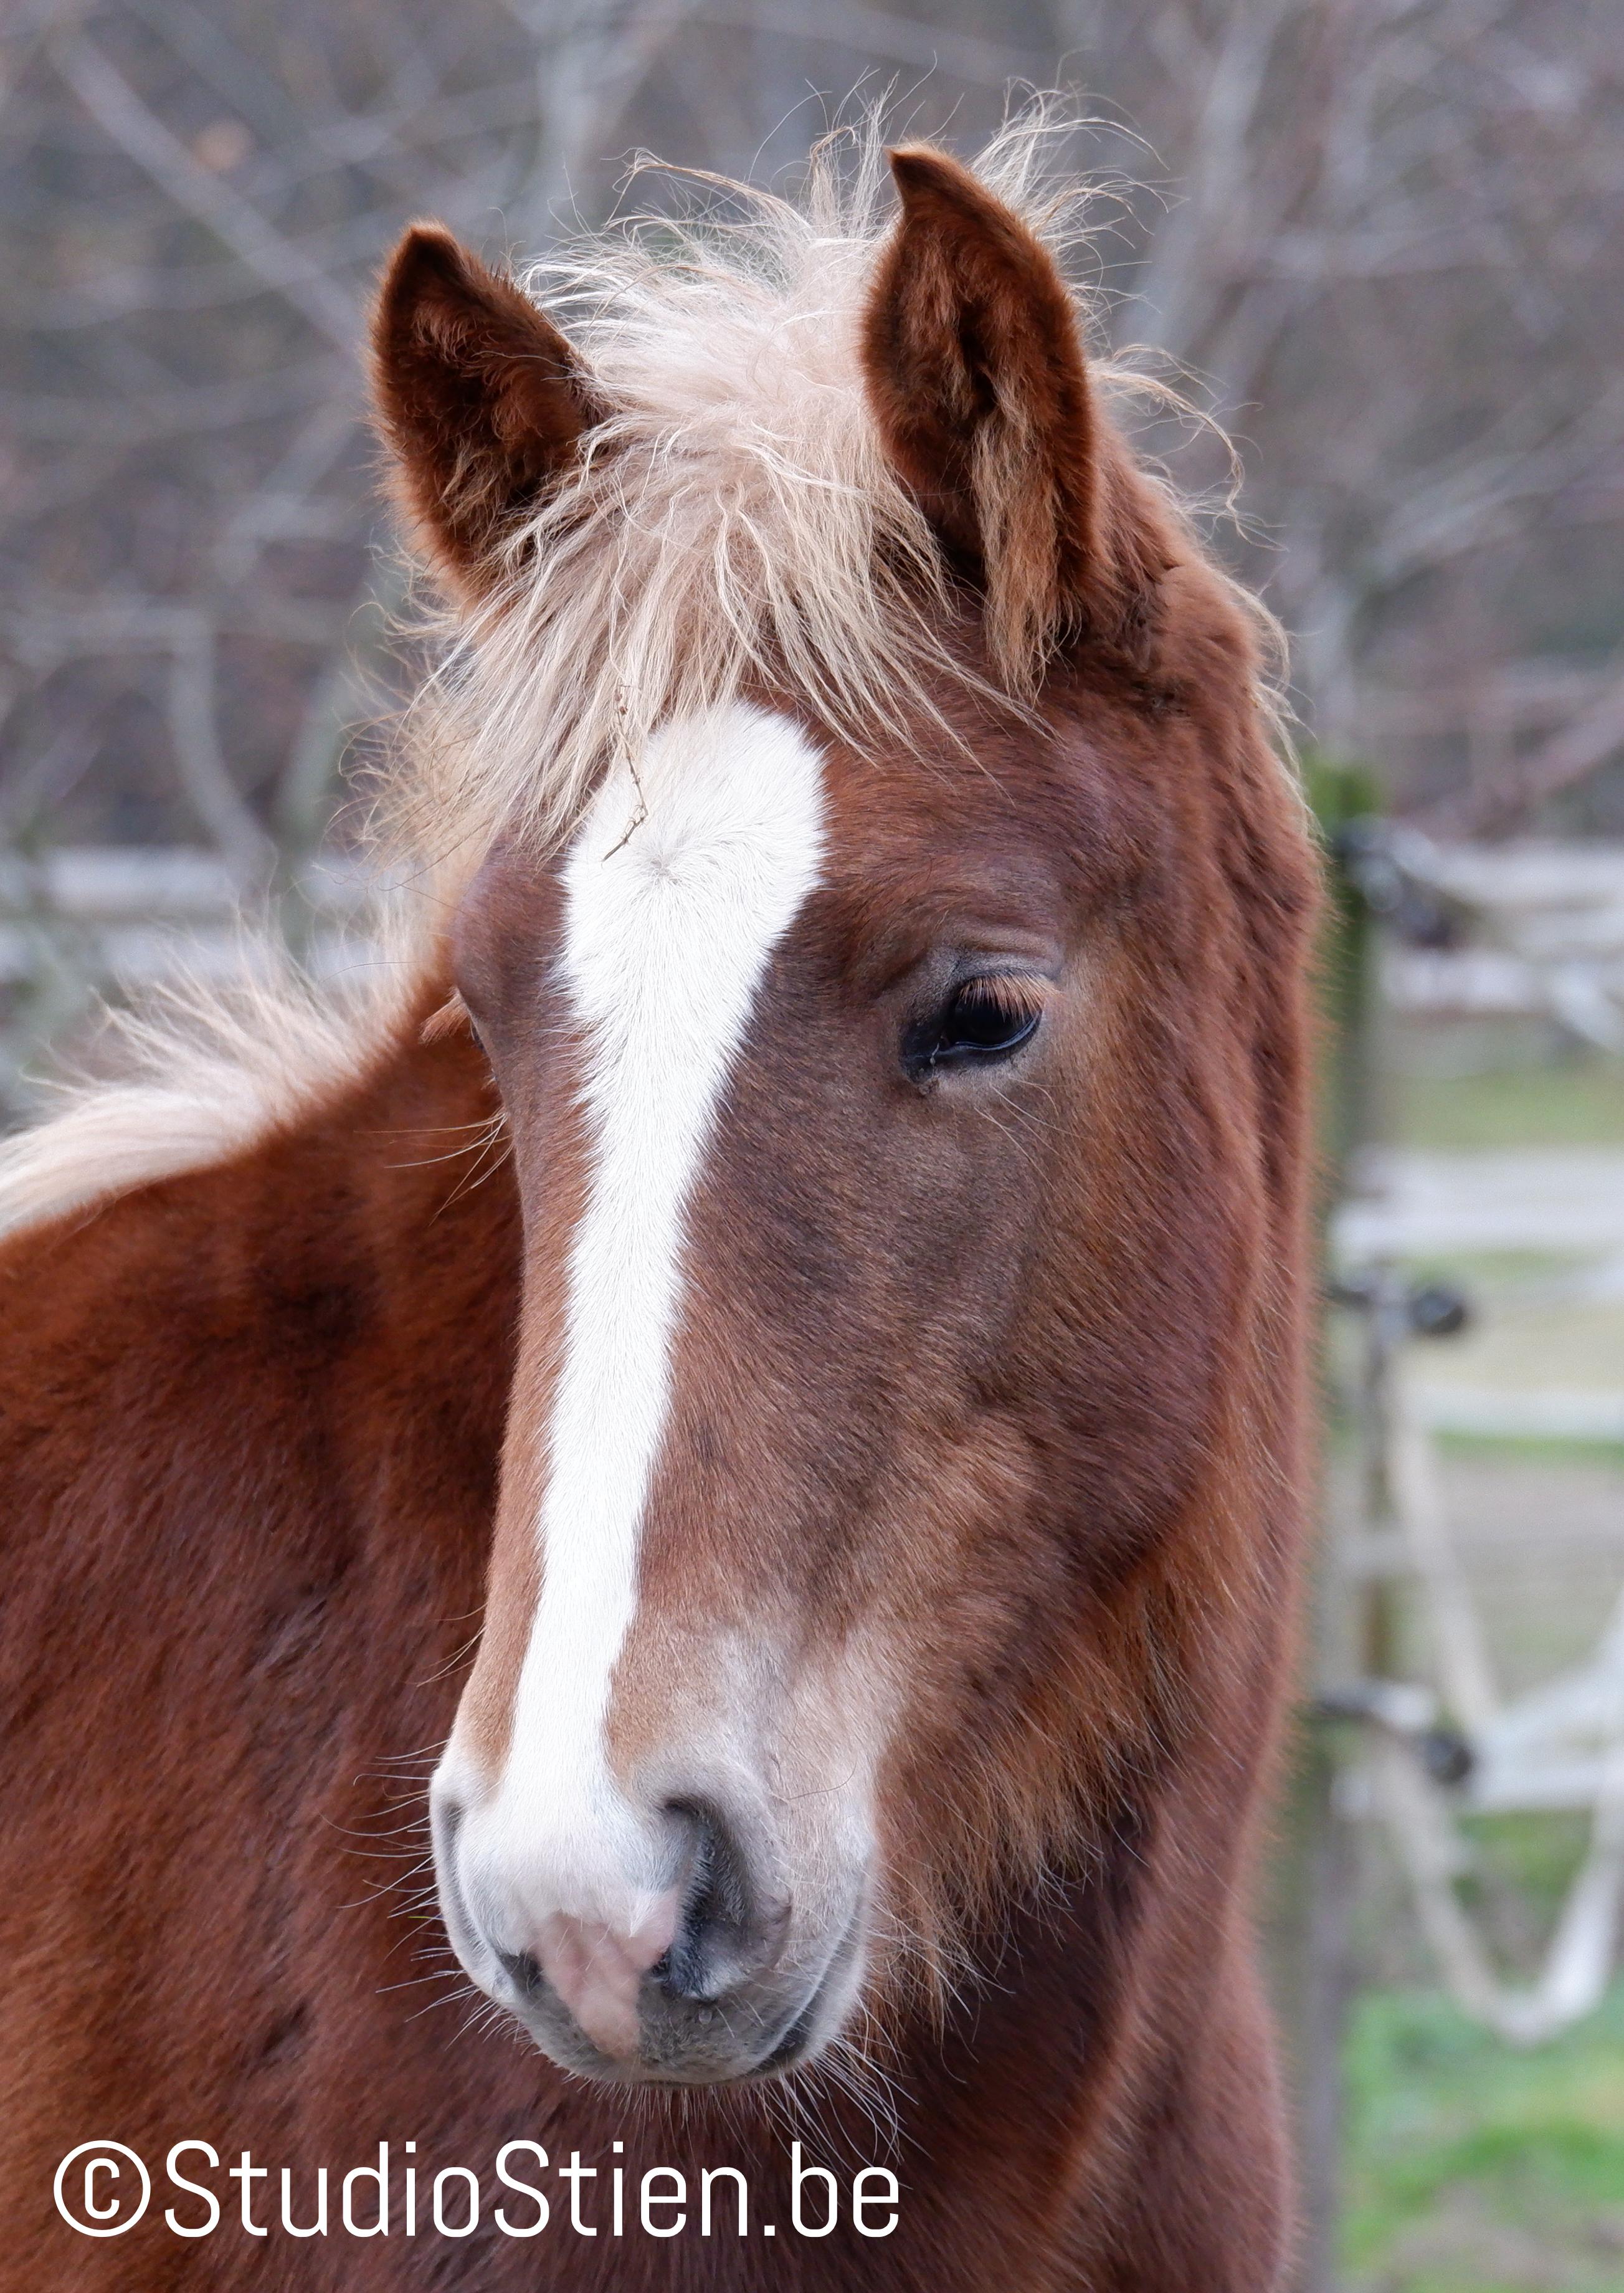 Veulen closeup paard jong voskleurig Horse foal